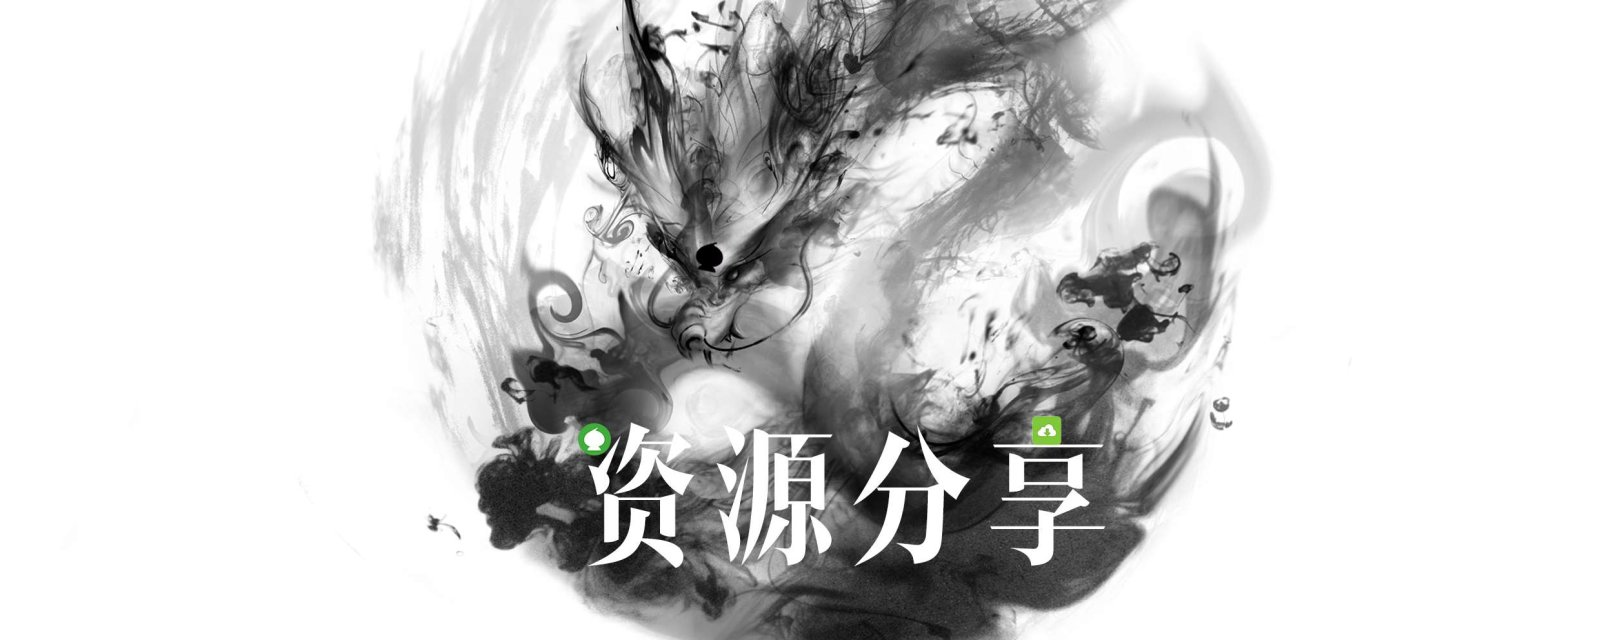 【资源分享】懒猫小说v2.8